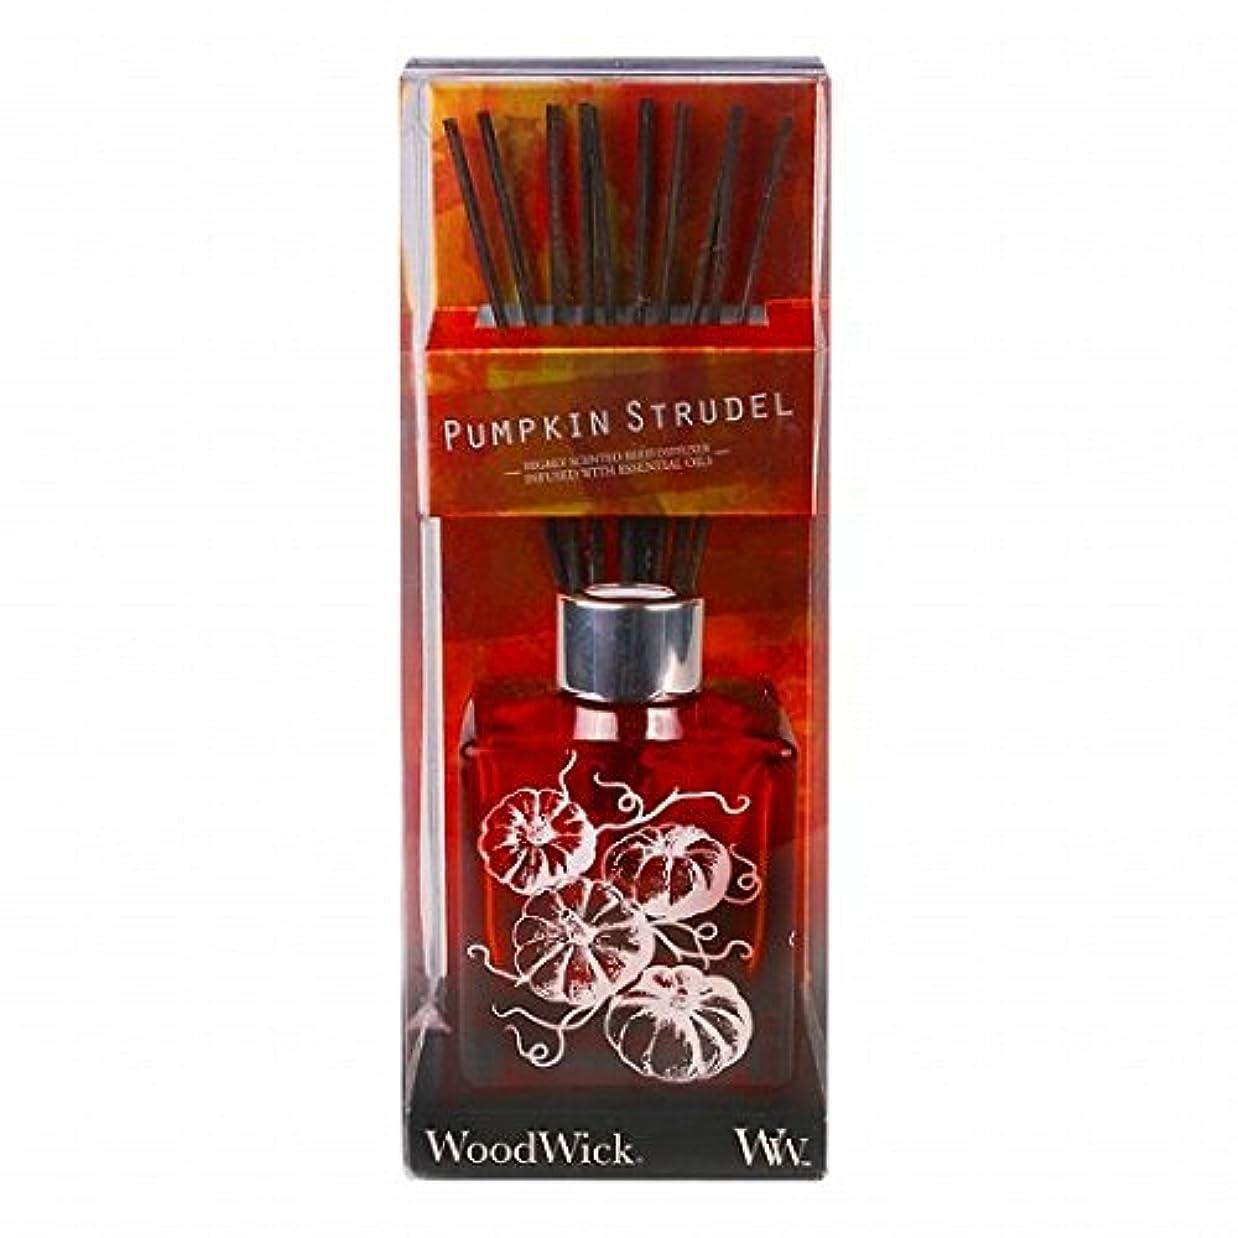 副産物十分ではない盟主WoodWick(ウッドウィック) Wood Wickダンシンググラスリードディフューザー 「 シュトルーデル 」 ディフューザー 68x68x105mm (W9540508)